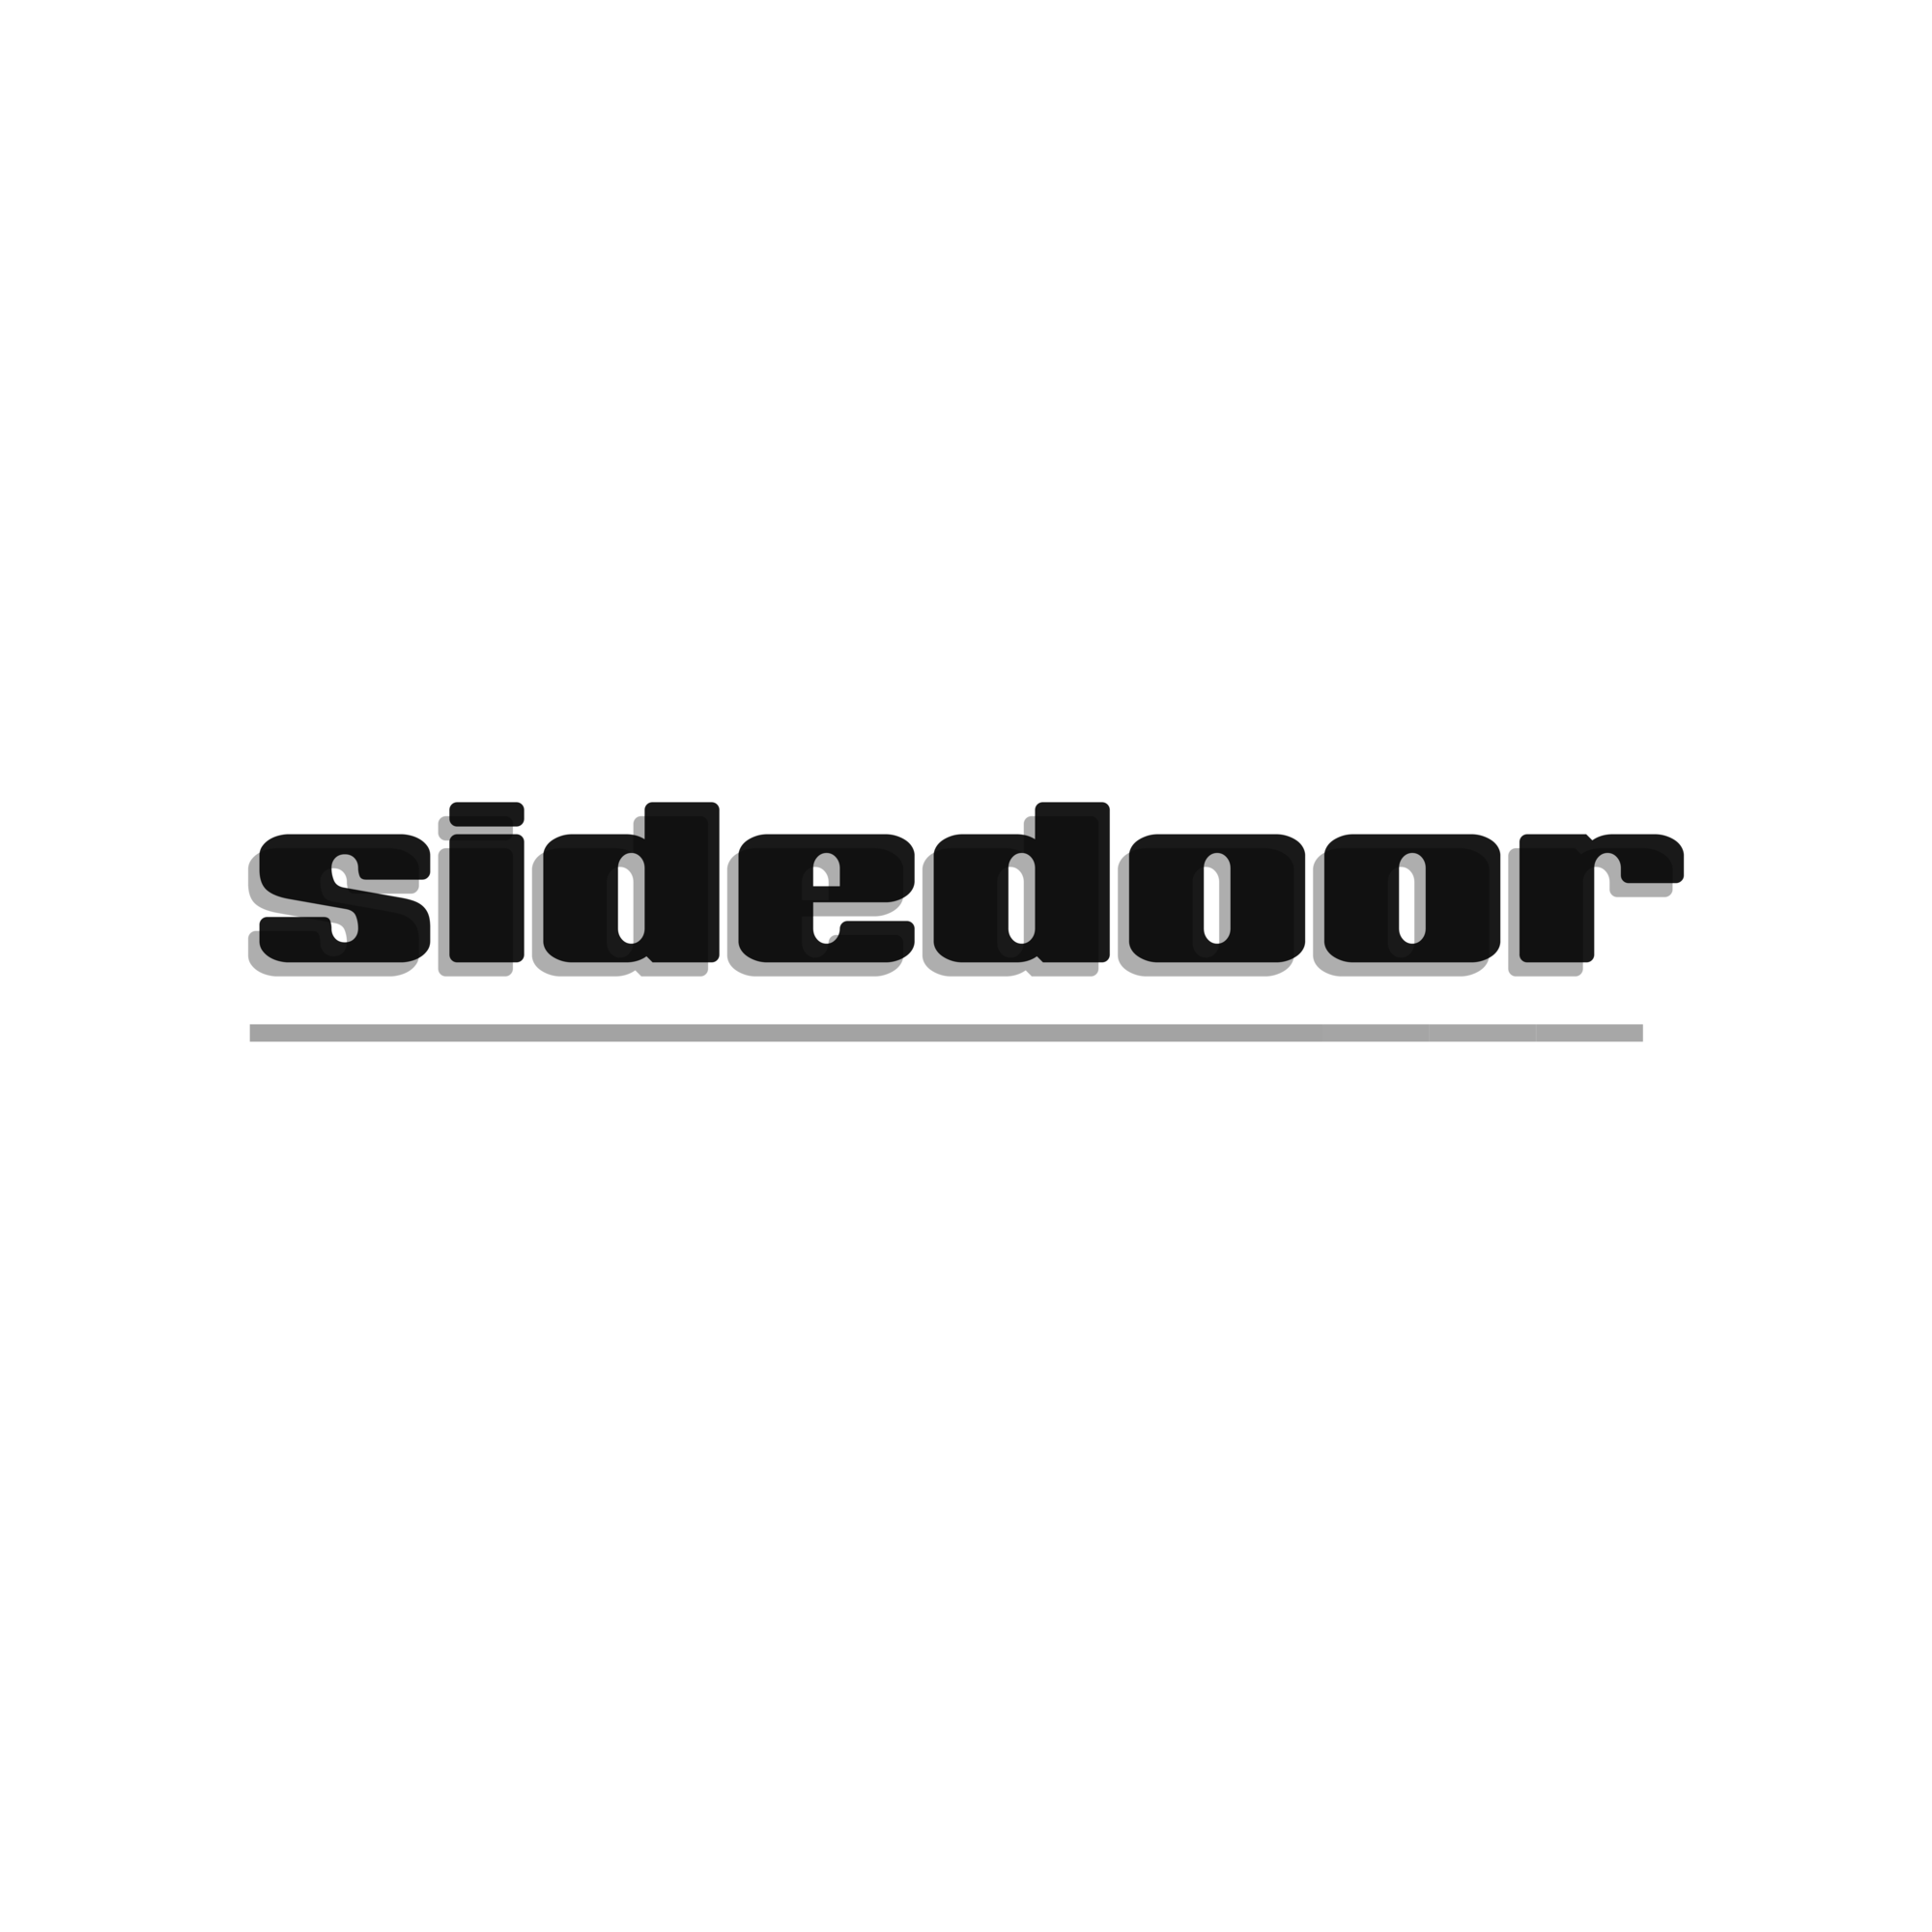 sidedoor.png